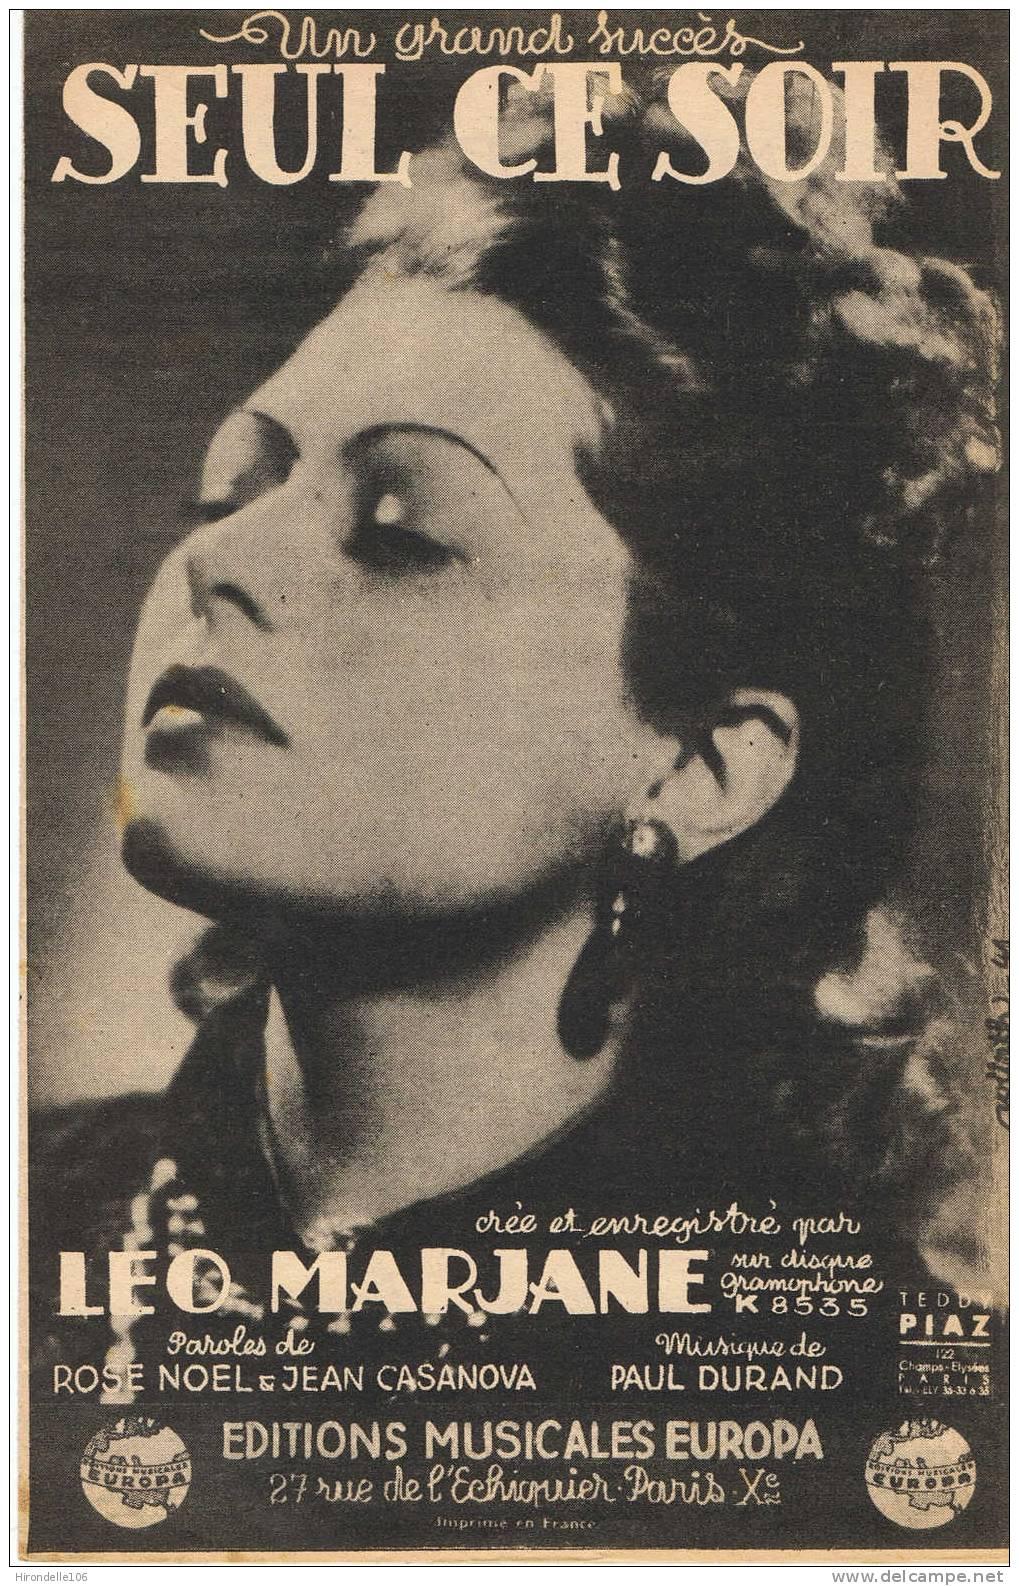 Vichy singer dies, aged 104